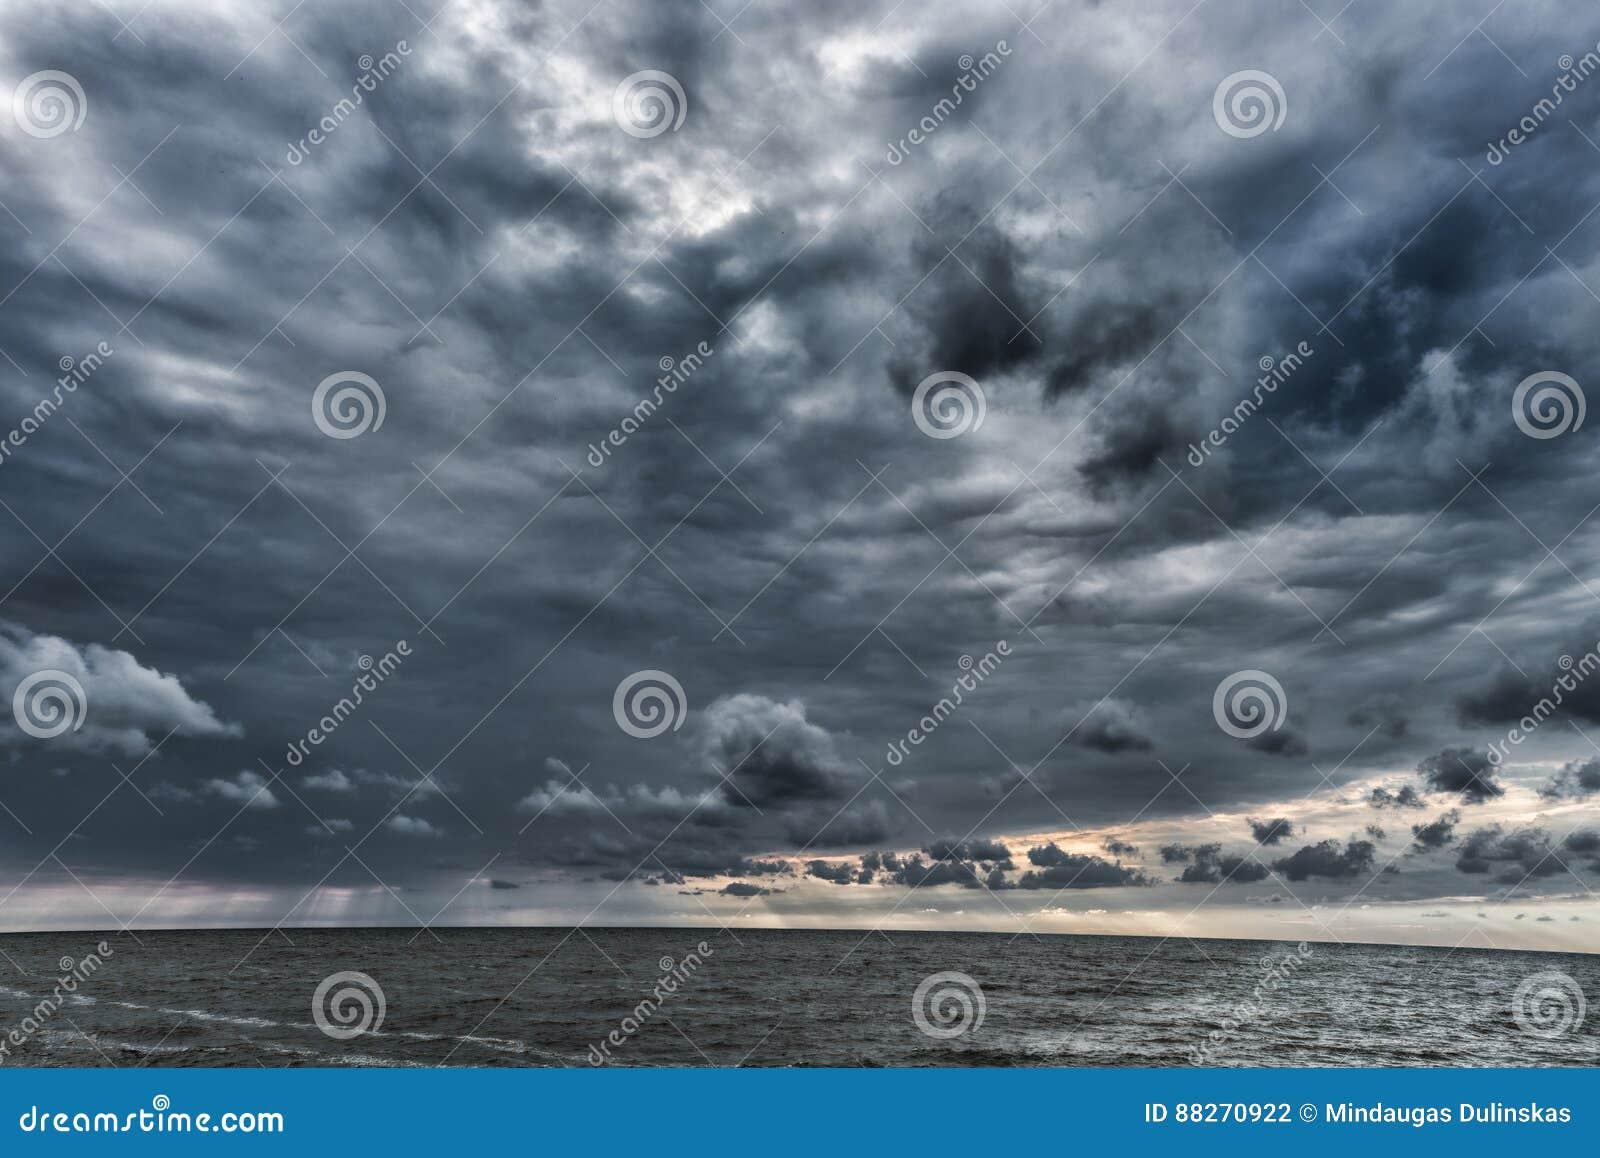 Chmurne i Burzowe chmury Nad morze bałtyckie w Latvia Estonia baltic Tallinn somethere blisko morza Wieczór sesja zdjęciowa. Szer